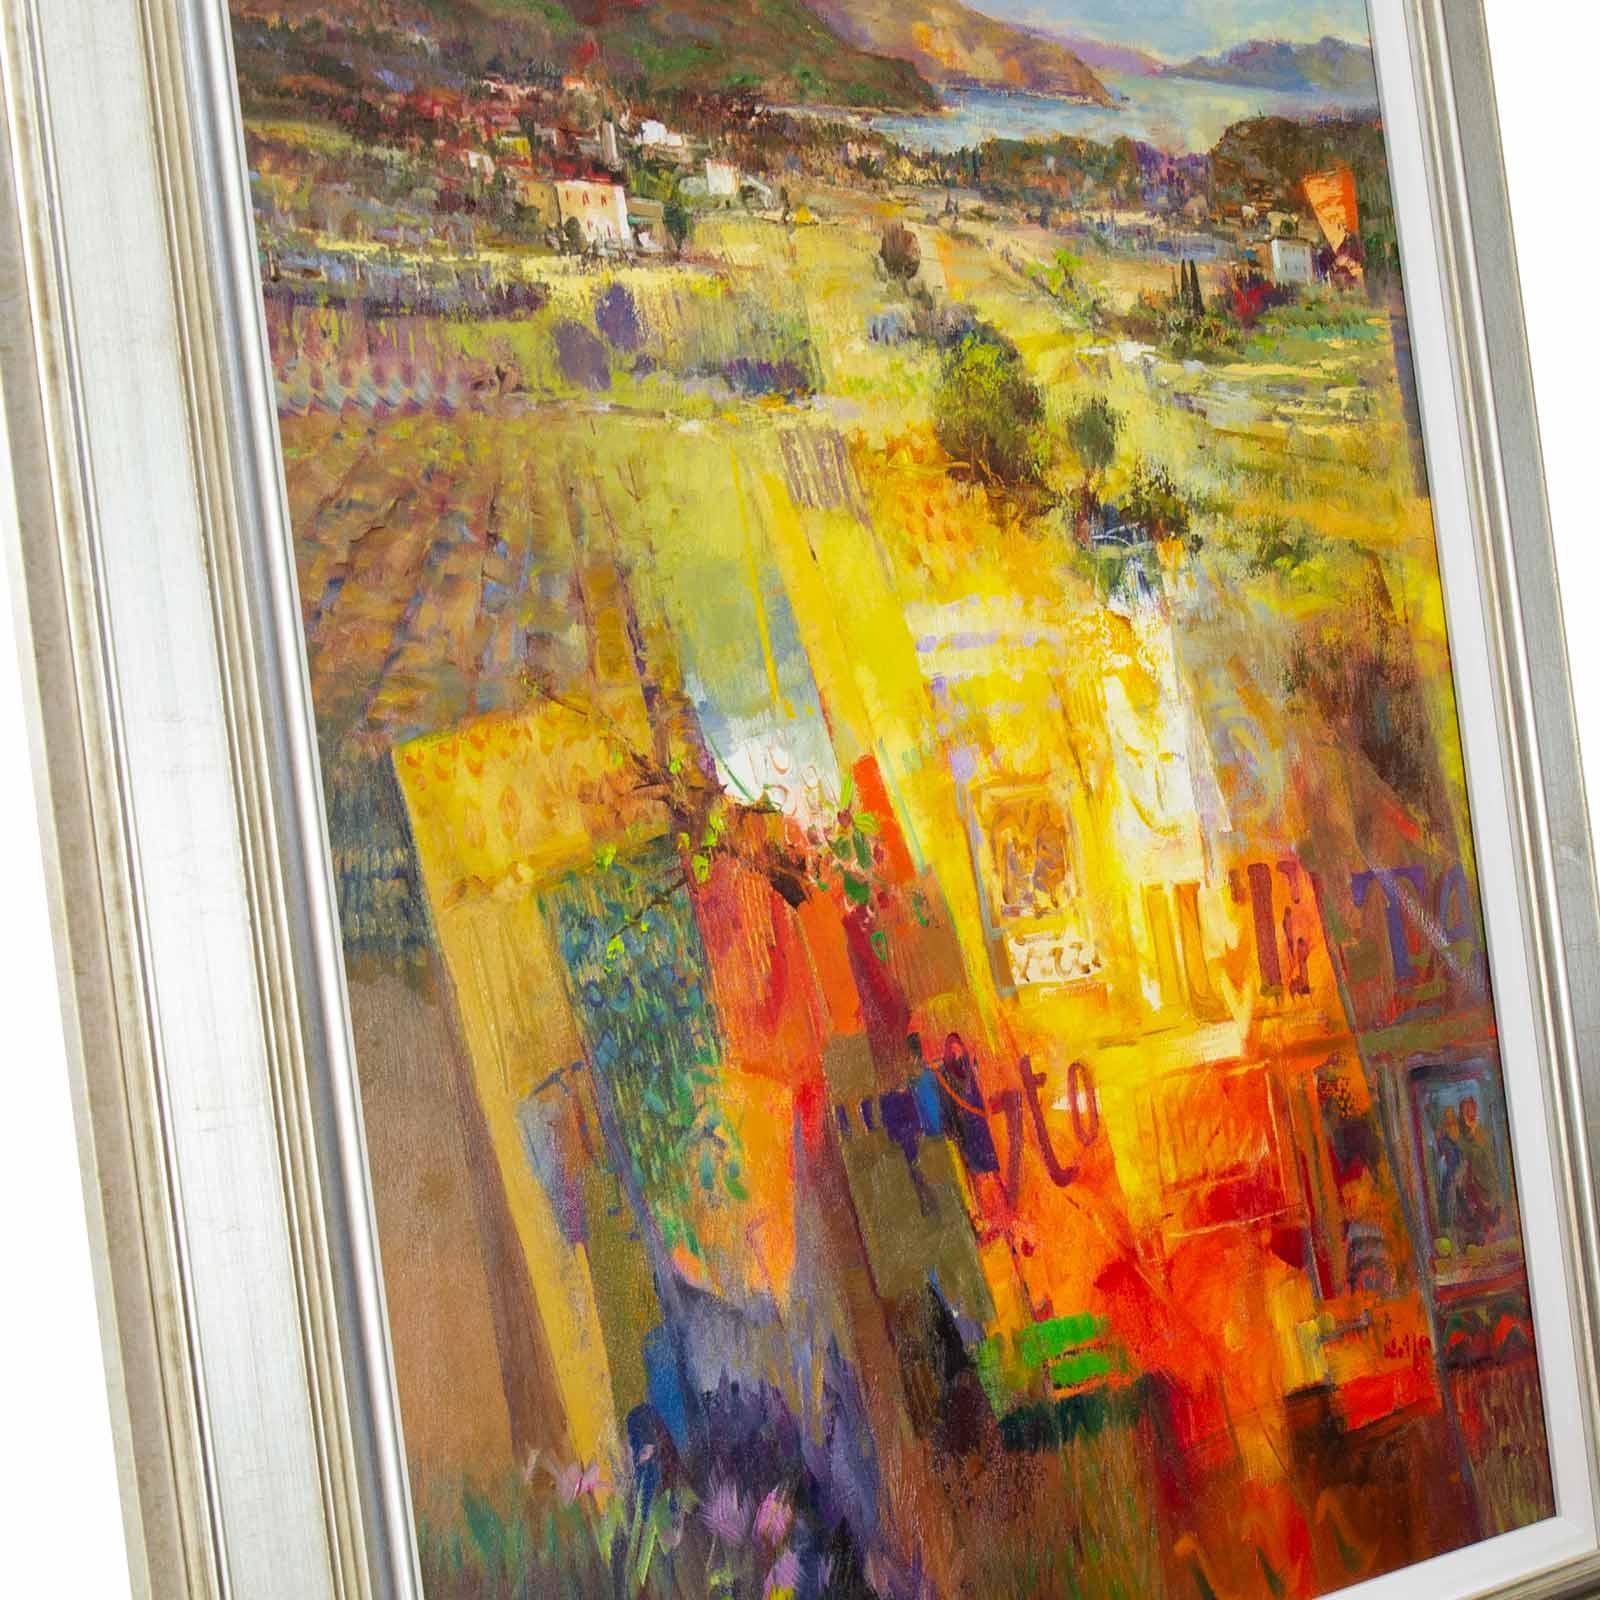 Colourful Tuscany